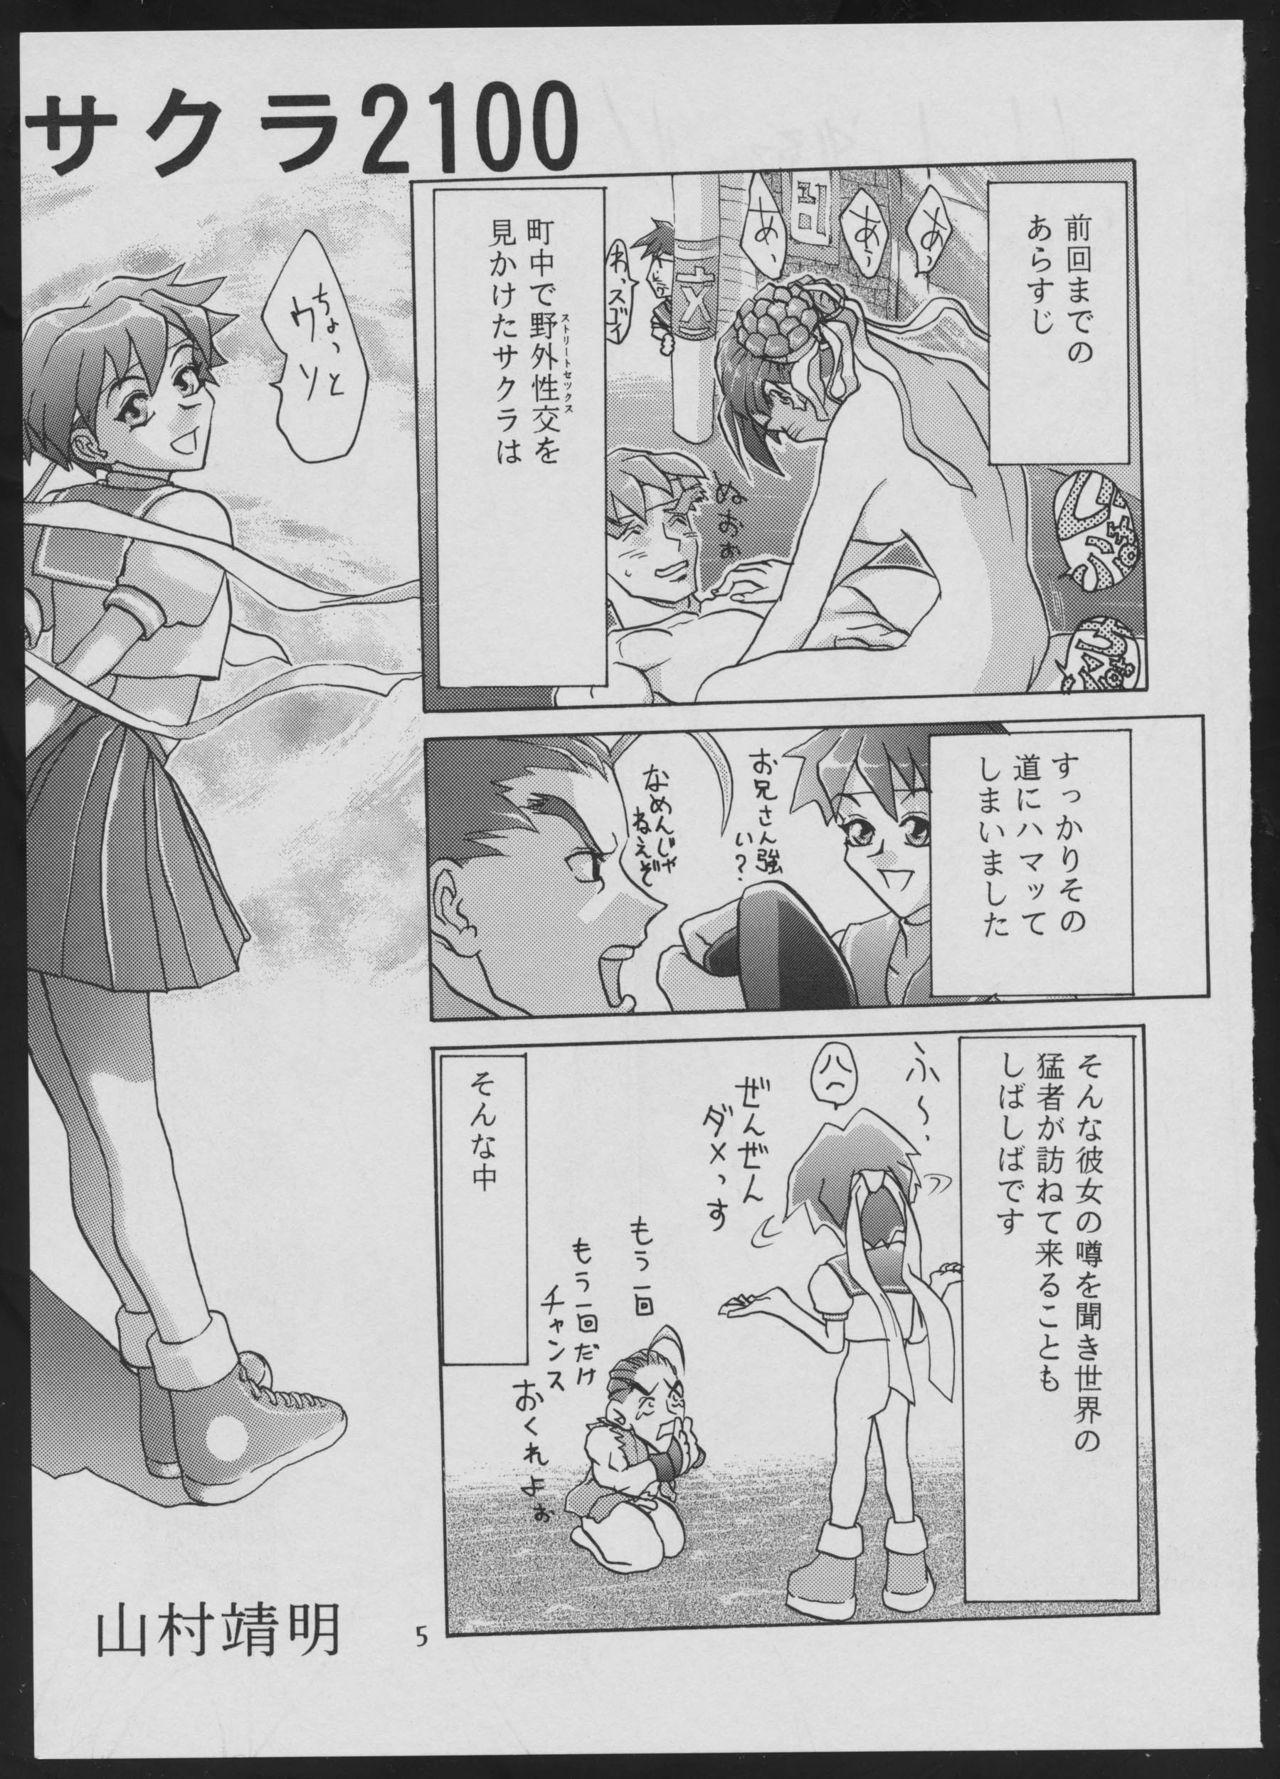 '96 Natsu no Game 18-kin Special 4